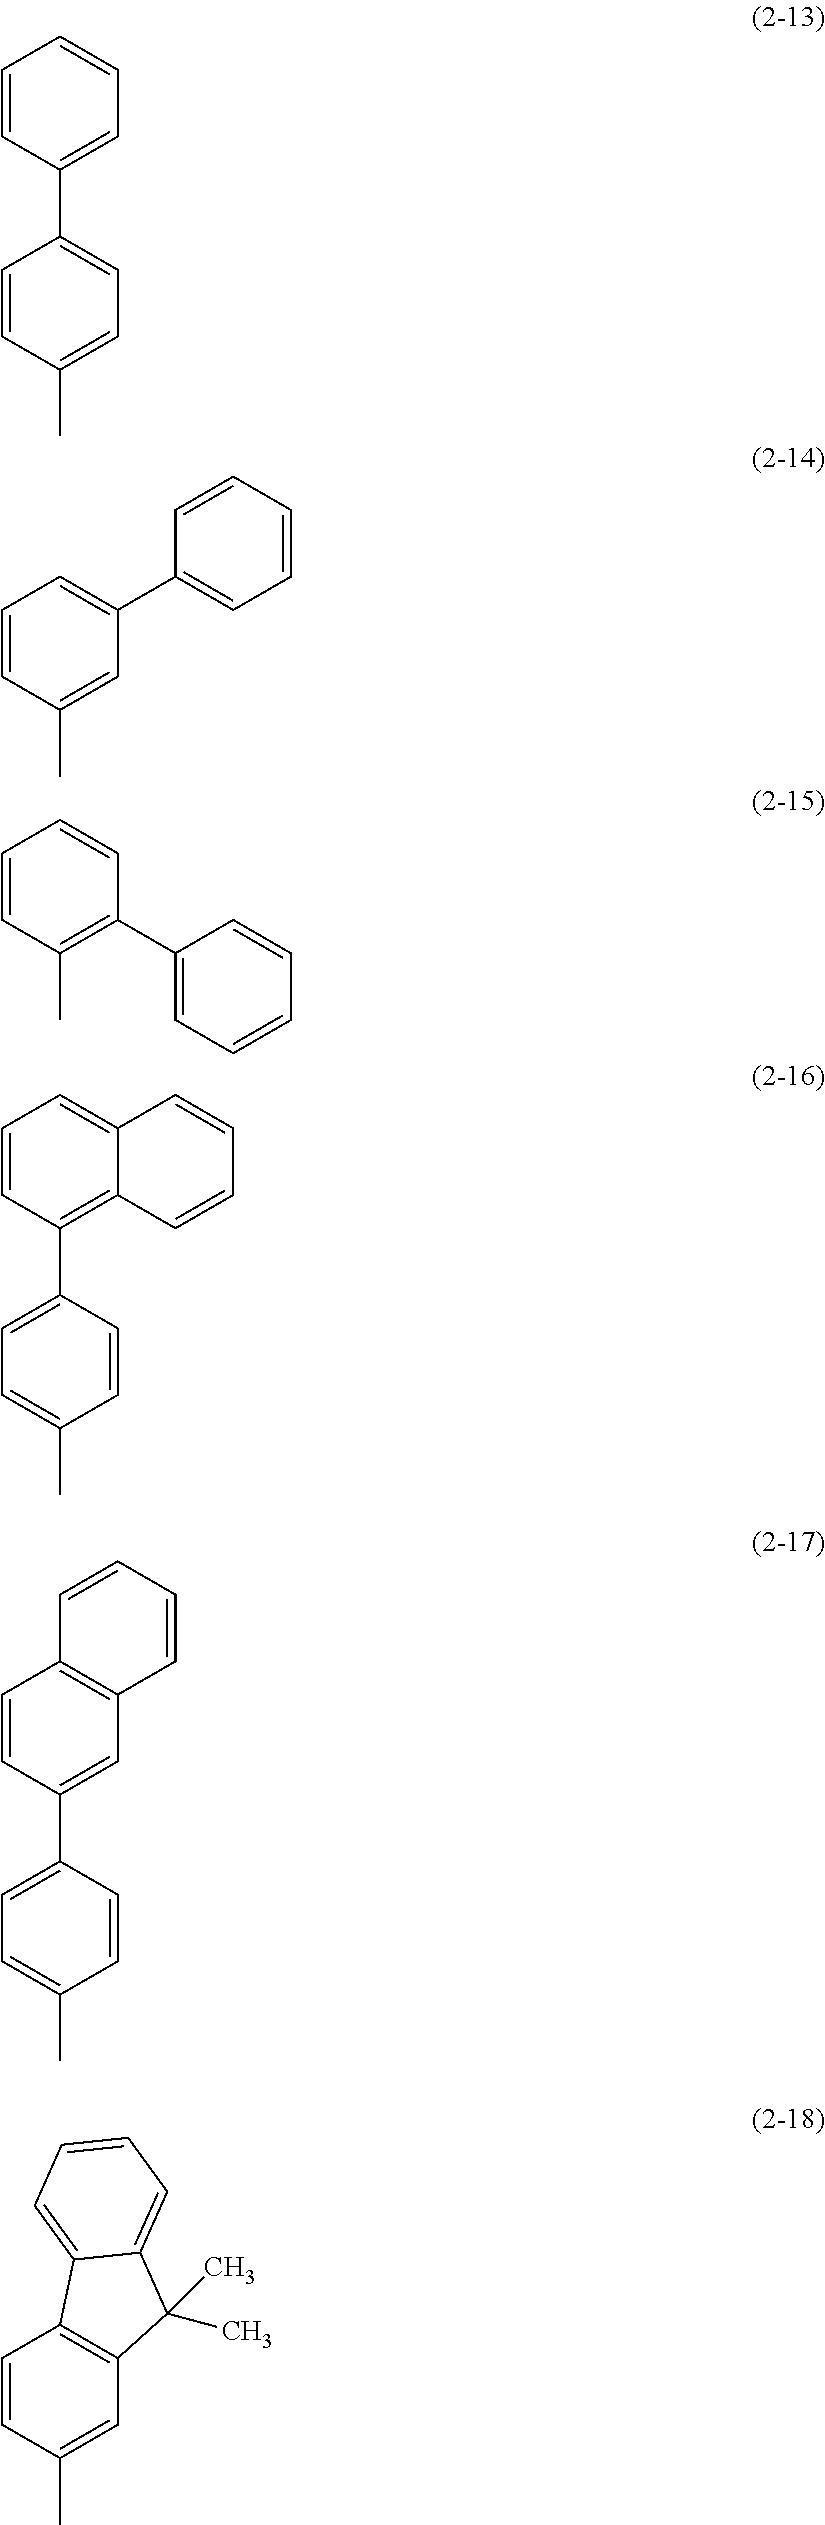 Figure US09843000-20171212-C00016